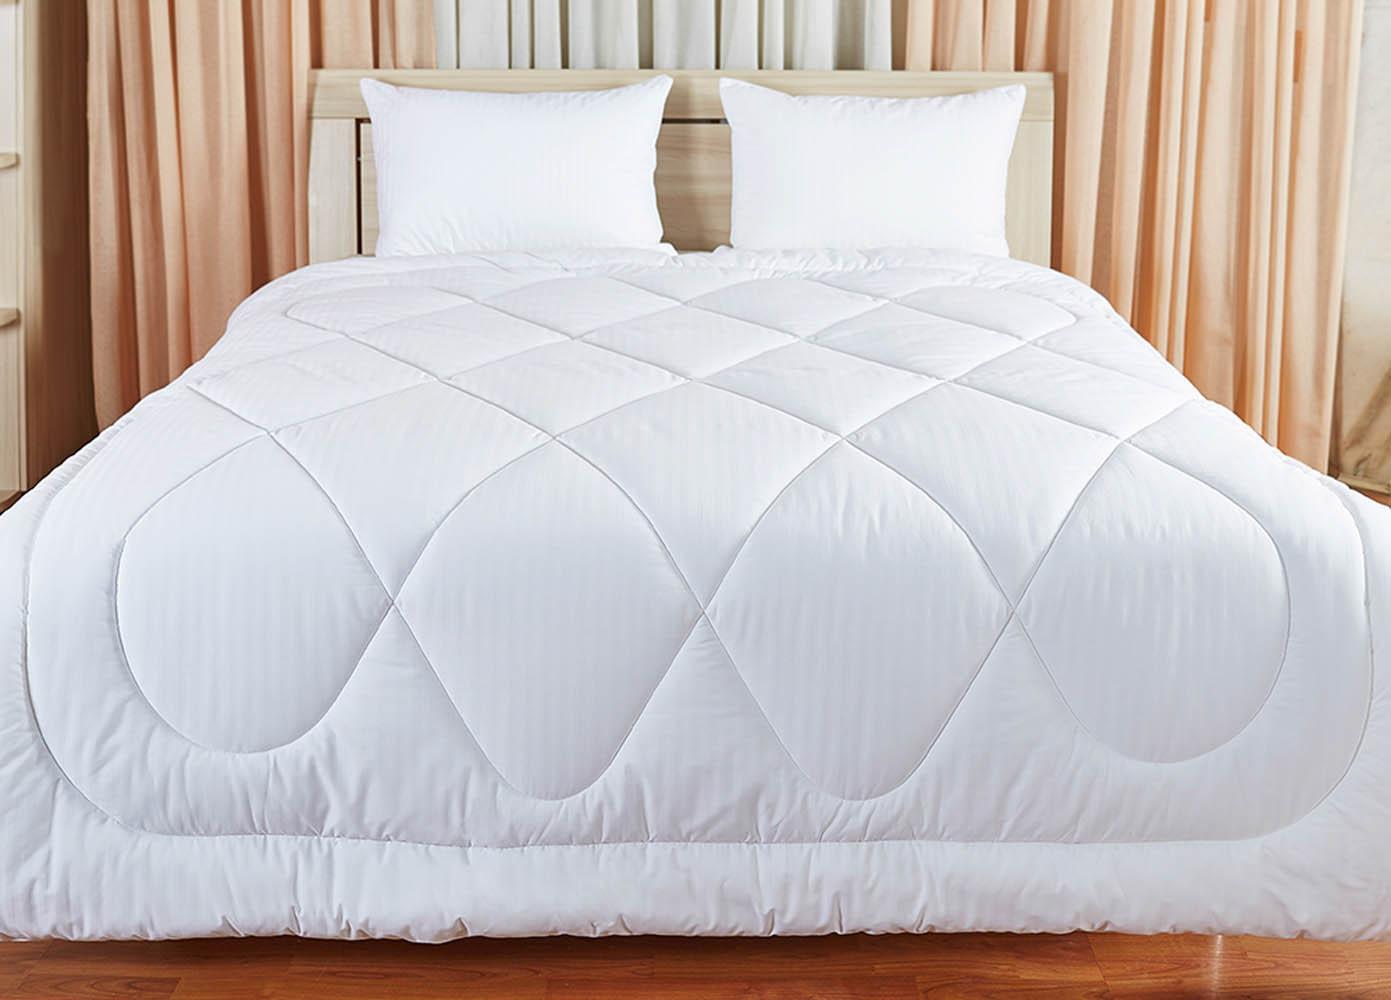 Одеяла Primavelle Одеяло Silver Comfort Цвет: Белый (140х205 см)